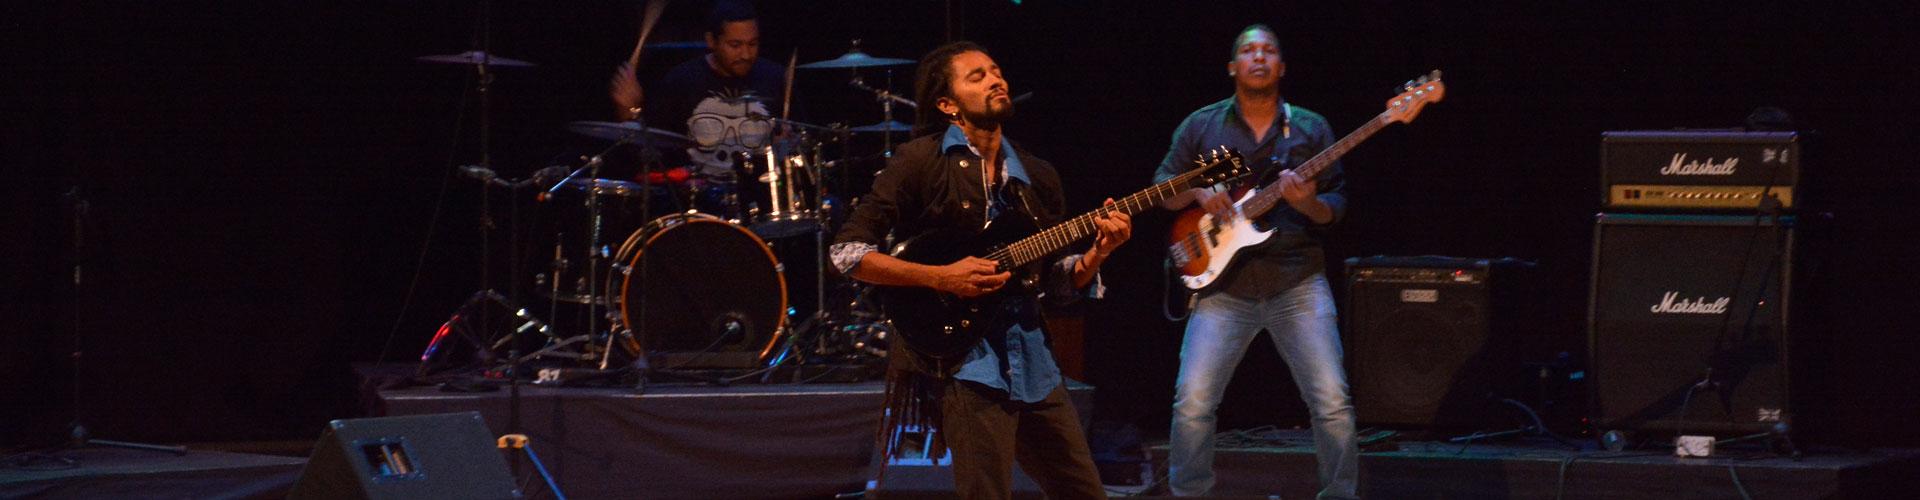 festival-internacional-de-guitarras-de-cartagena-de-indias2